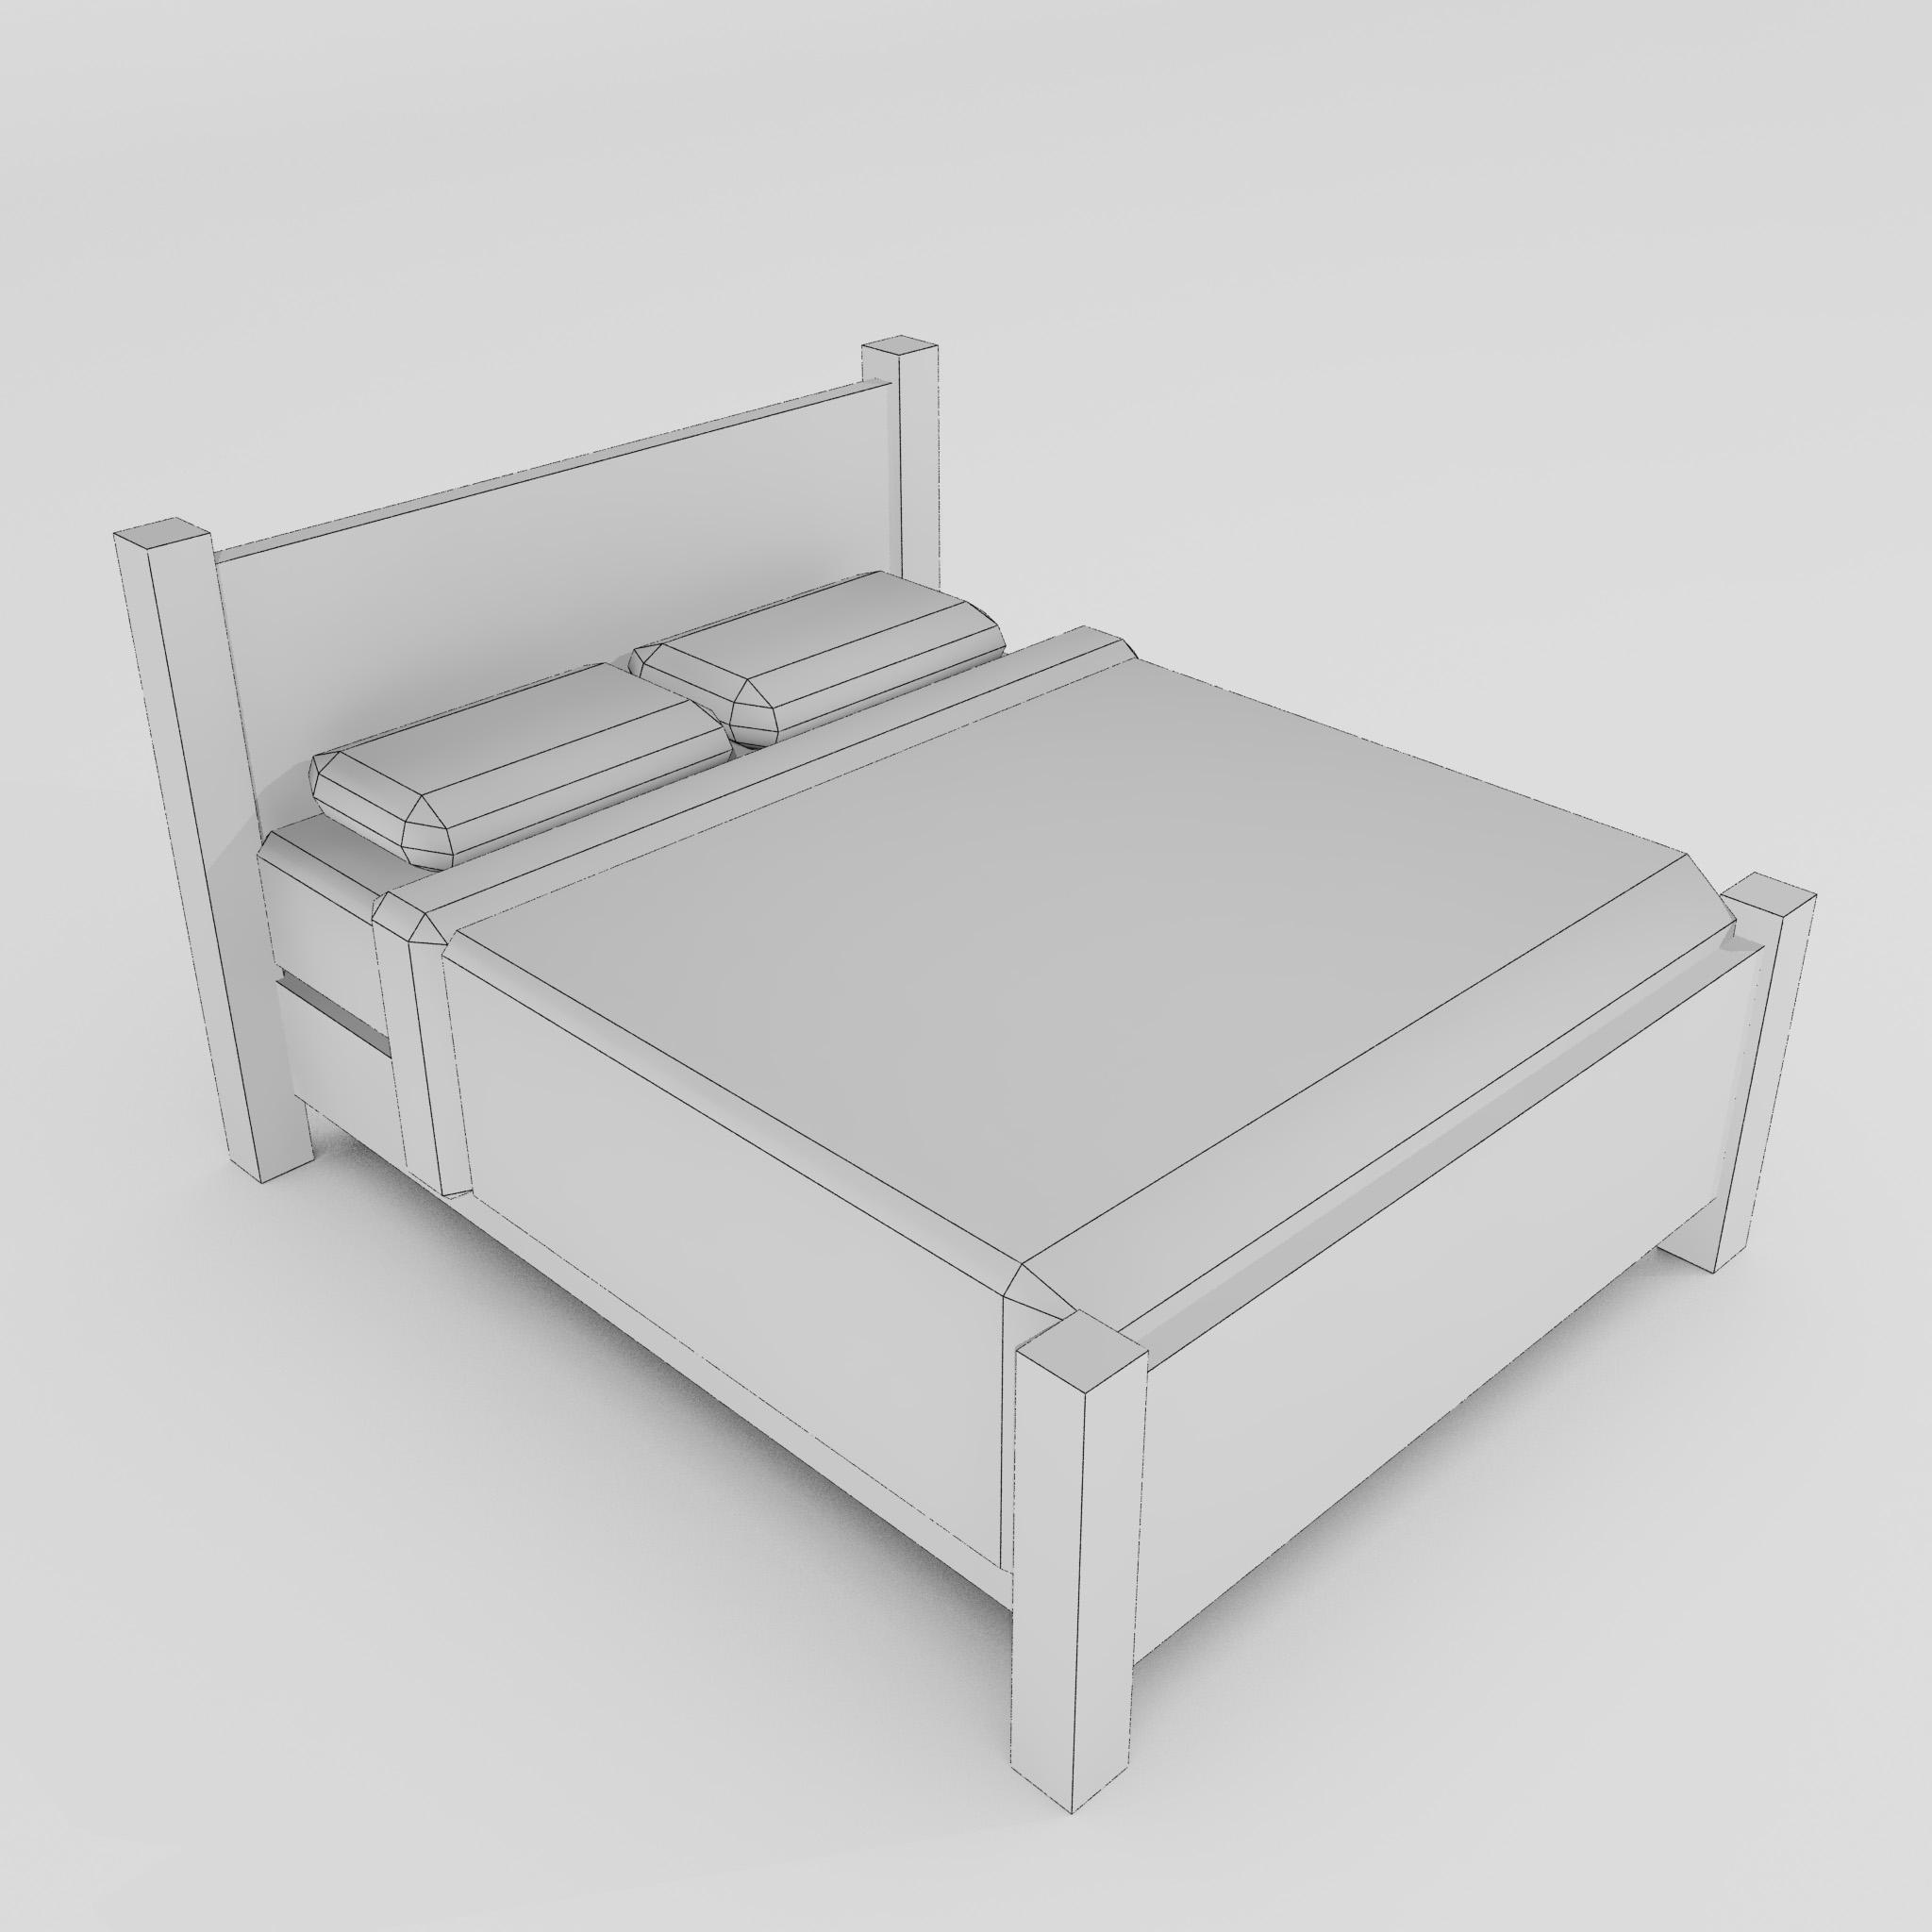 double bed 3d model 3ds max fbx obj 271945